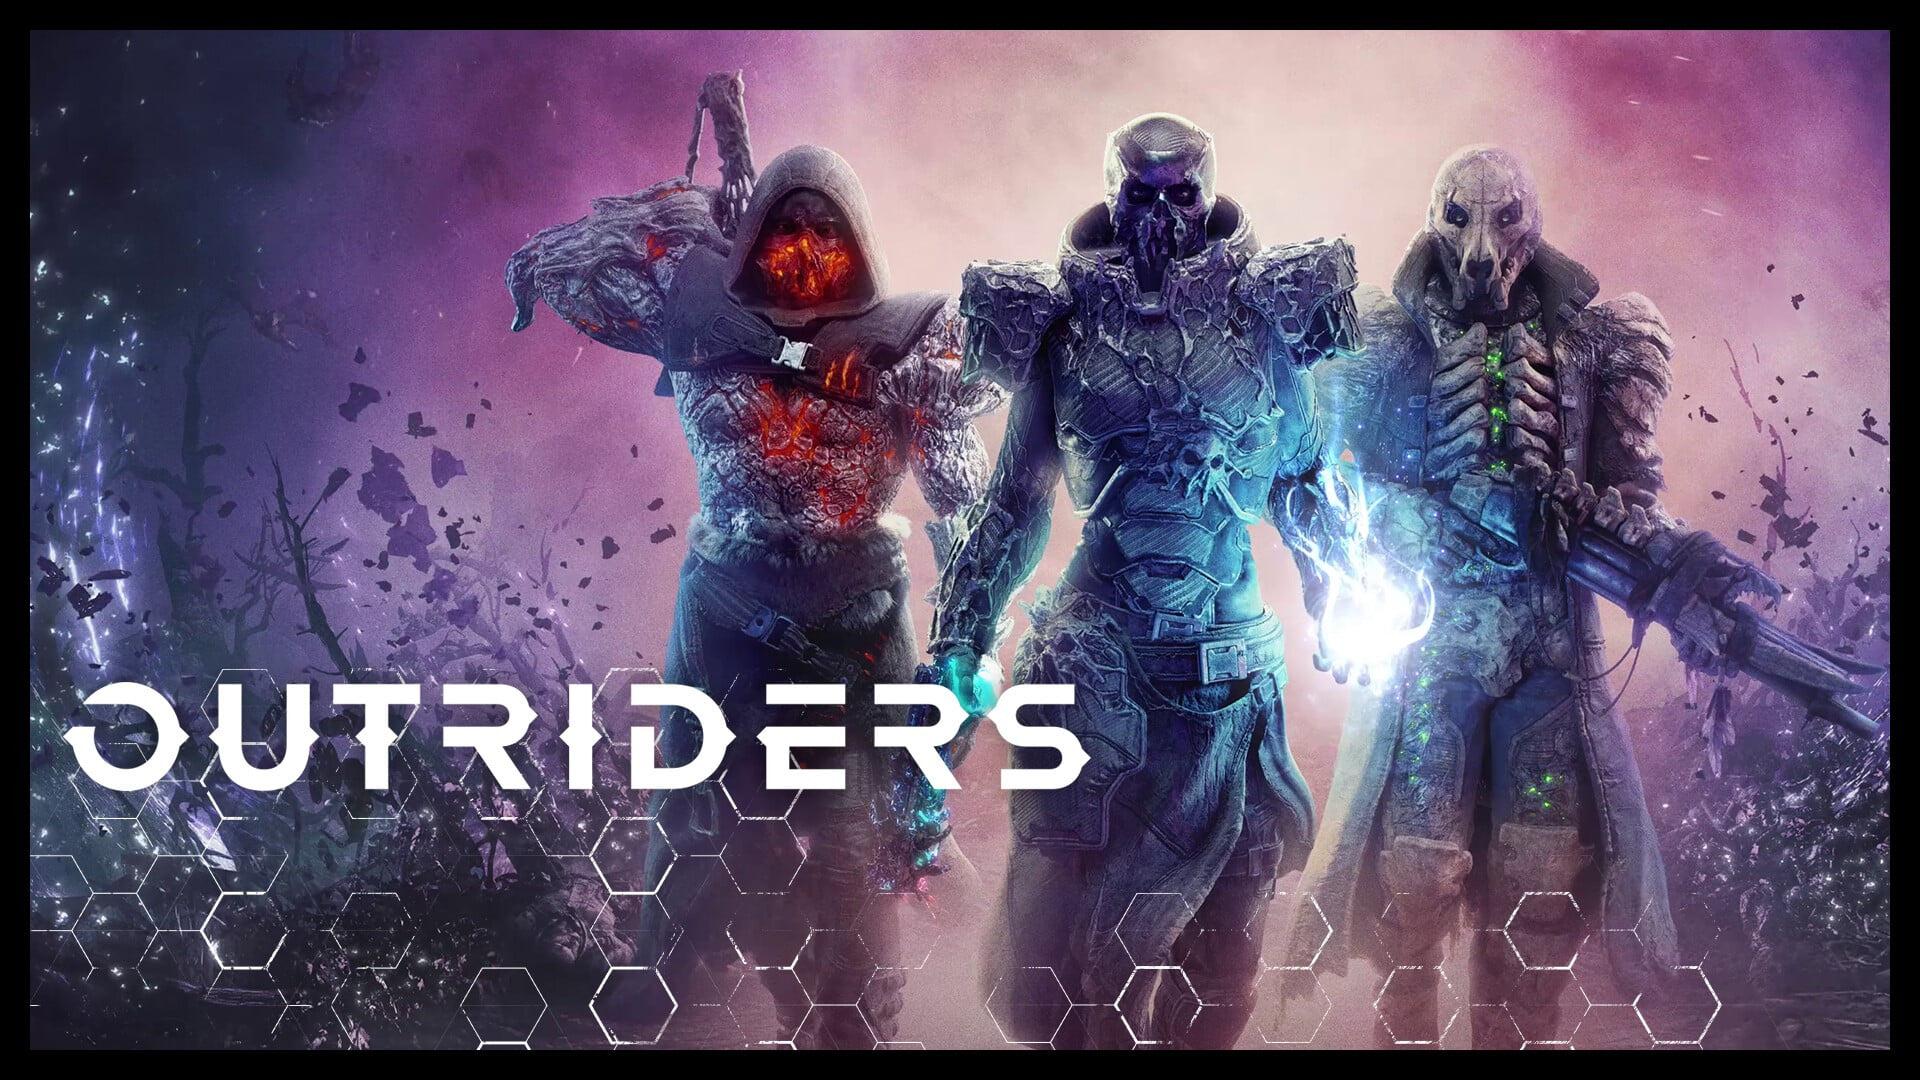 Чит-коды на Outriders на ПК – бесконечные патроны, здоровье, любое оружие, читы на Аутрайдерс